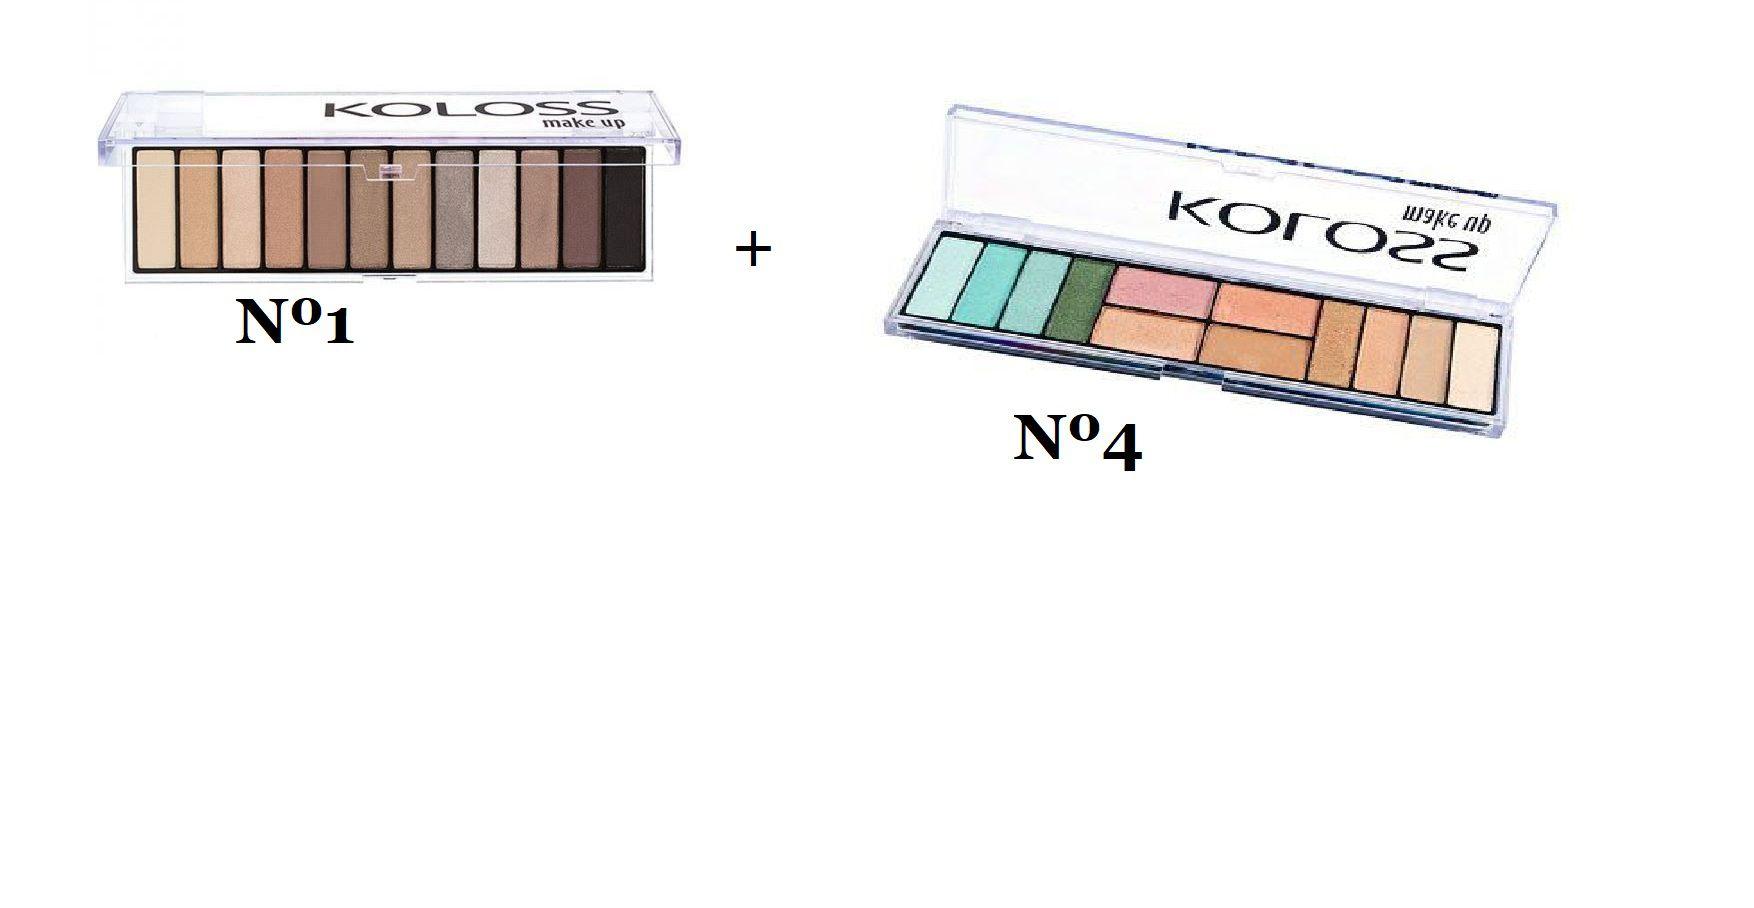 Kit paletas de sombras nº 1 + nº4 Koloss